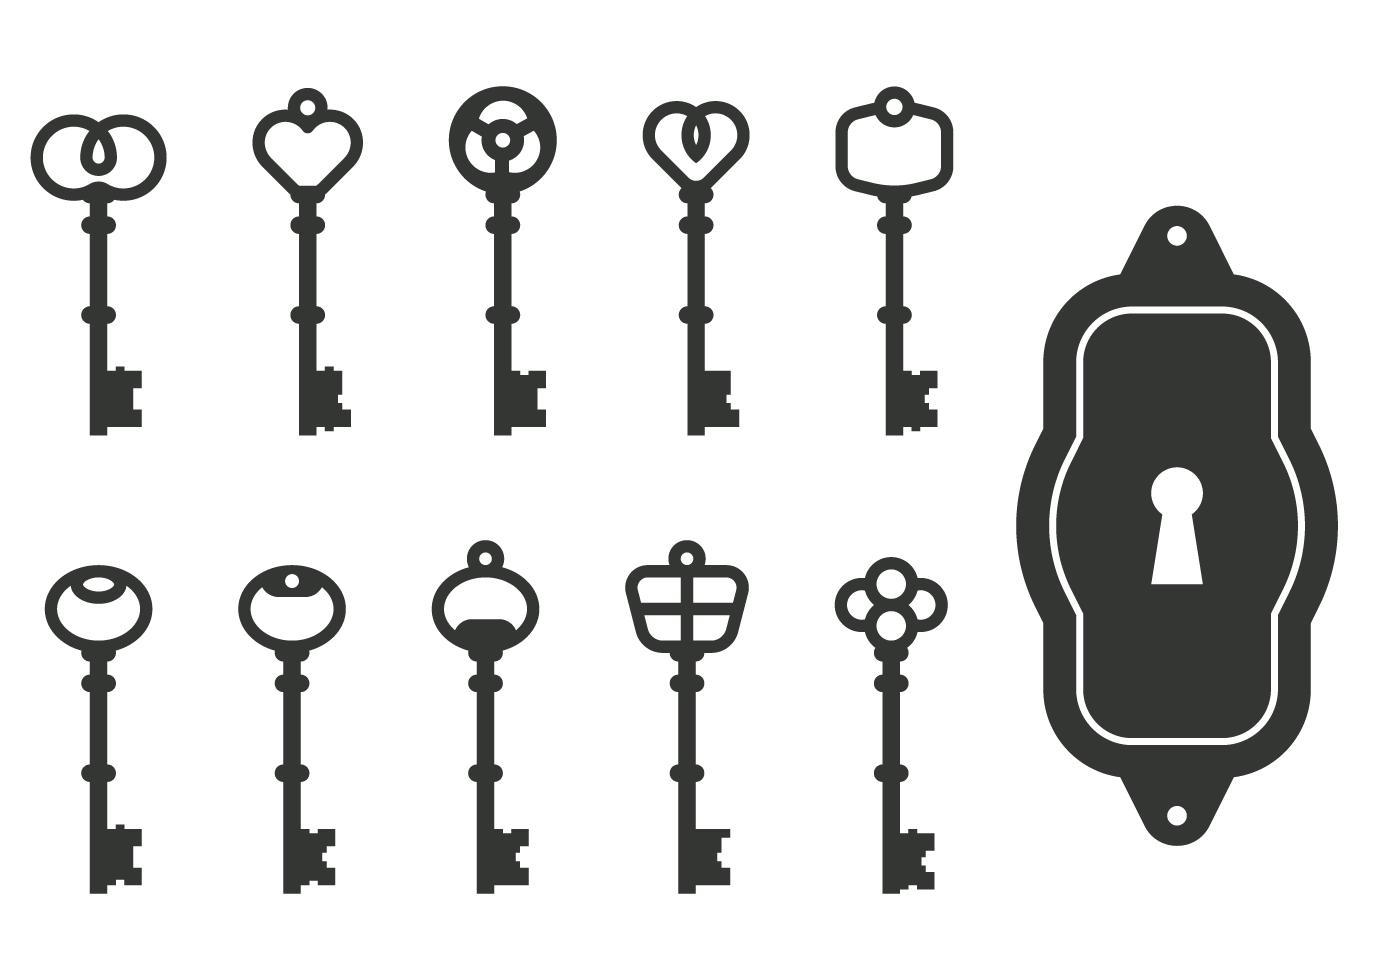 Classic Key Vectors - Download Free Vector Art, Stock ...